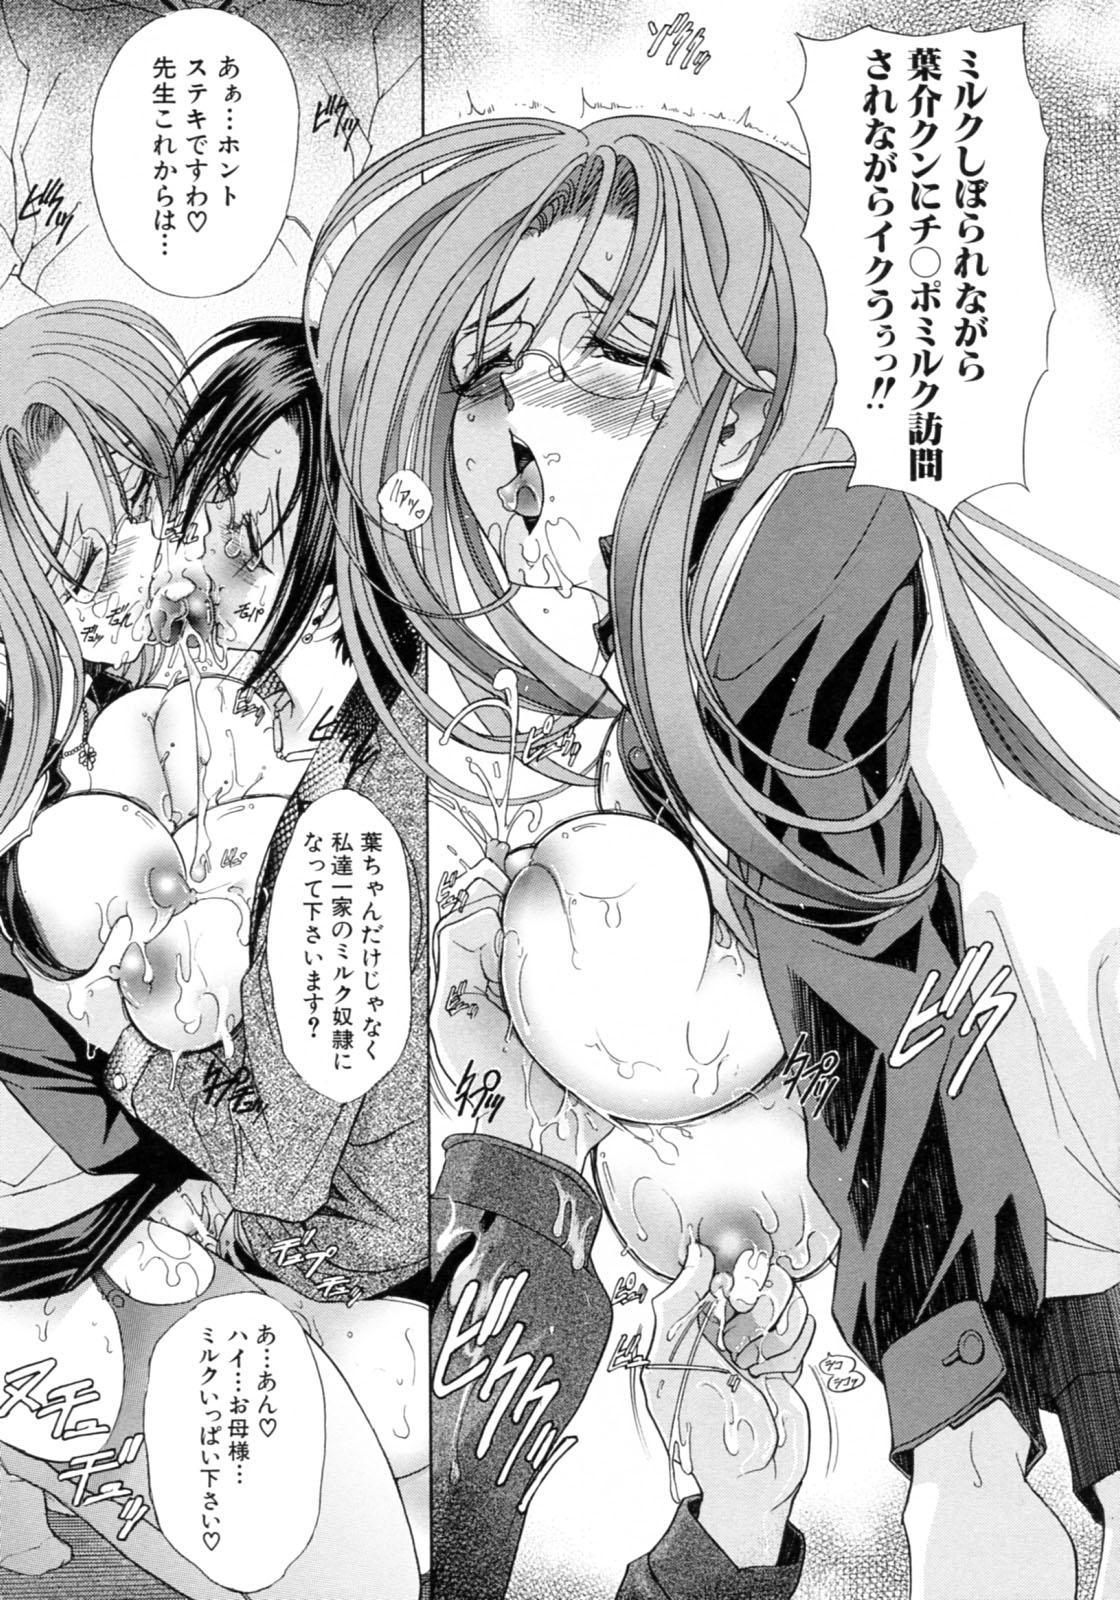 Kinsoku Shikou 26